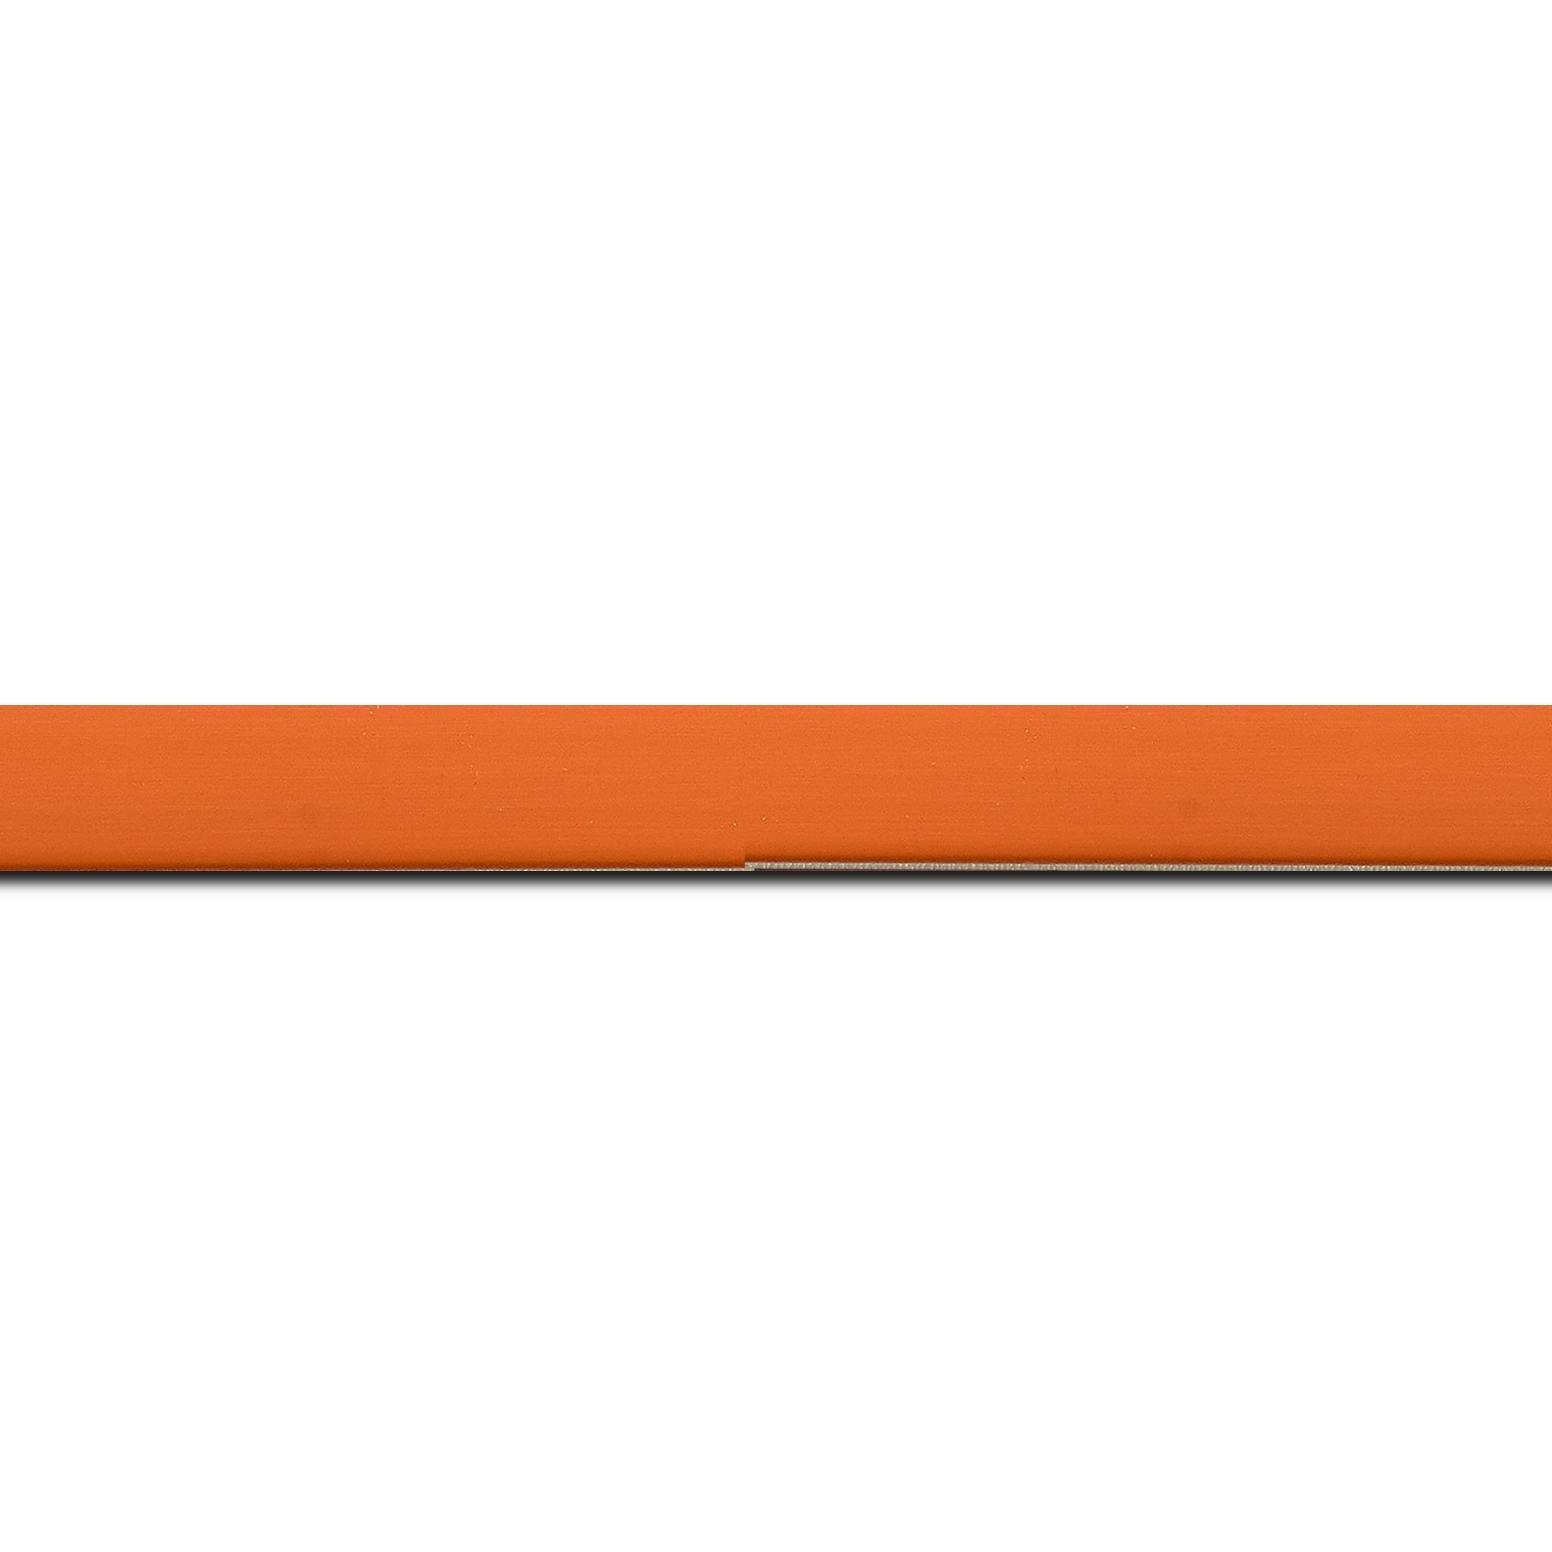 Baguette longueur 1.40m bois profil plat effet cube largeur 1.7cm couleur mandarine satiné